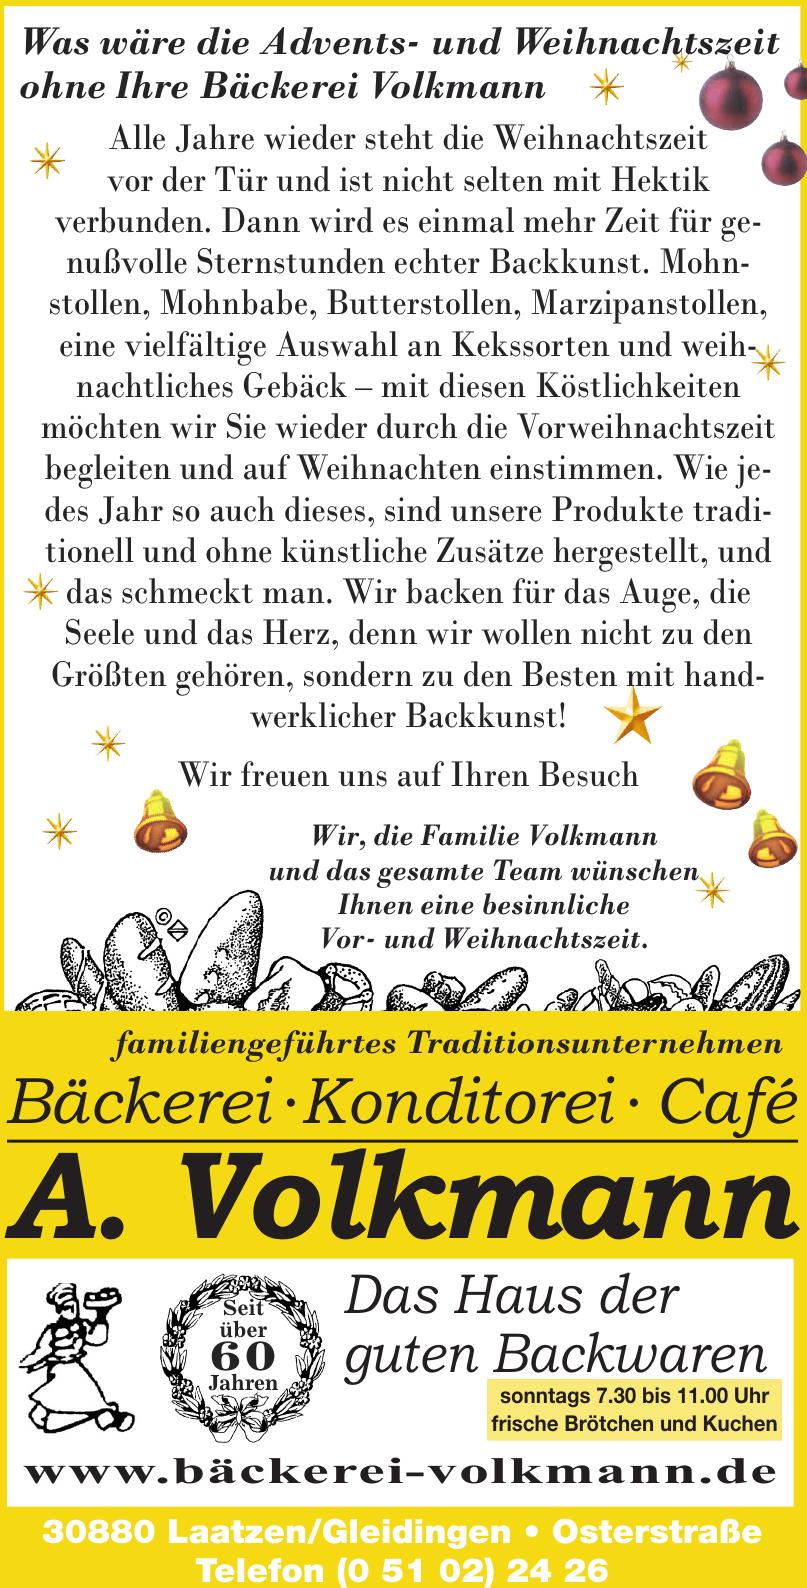 Bäckerei Volkmann